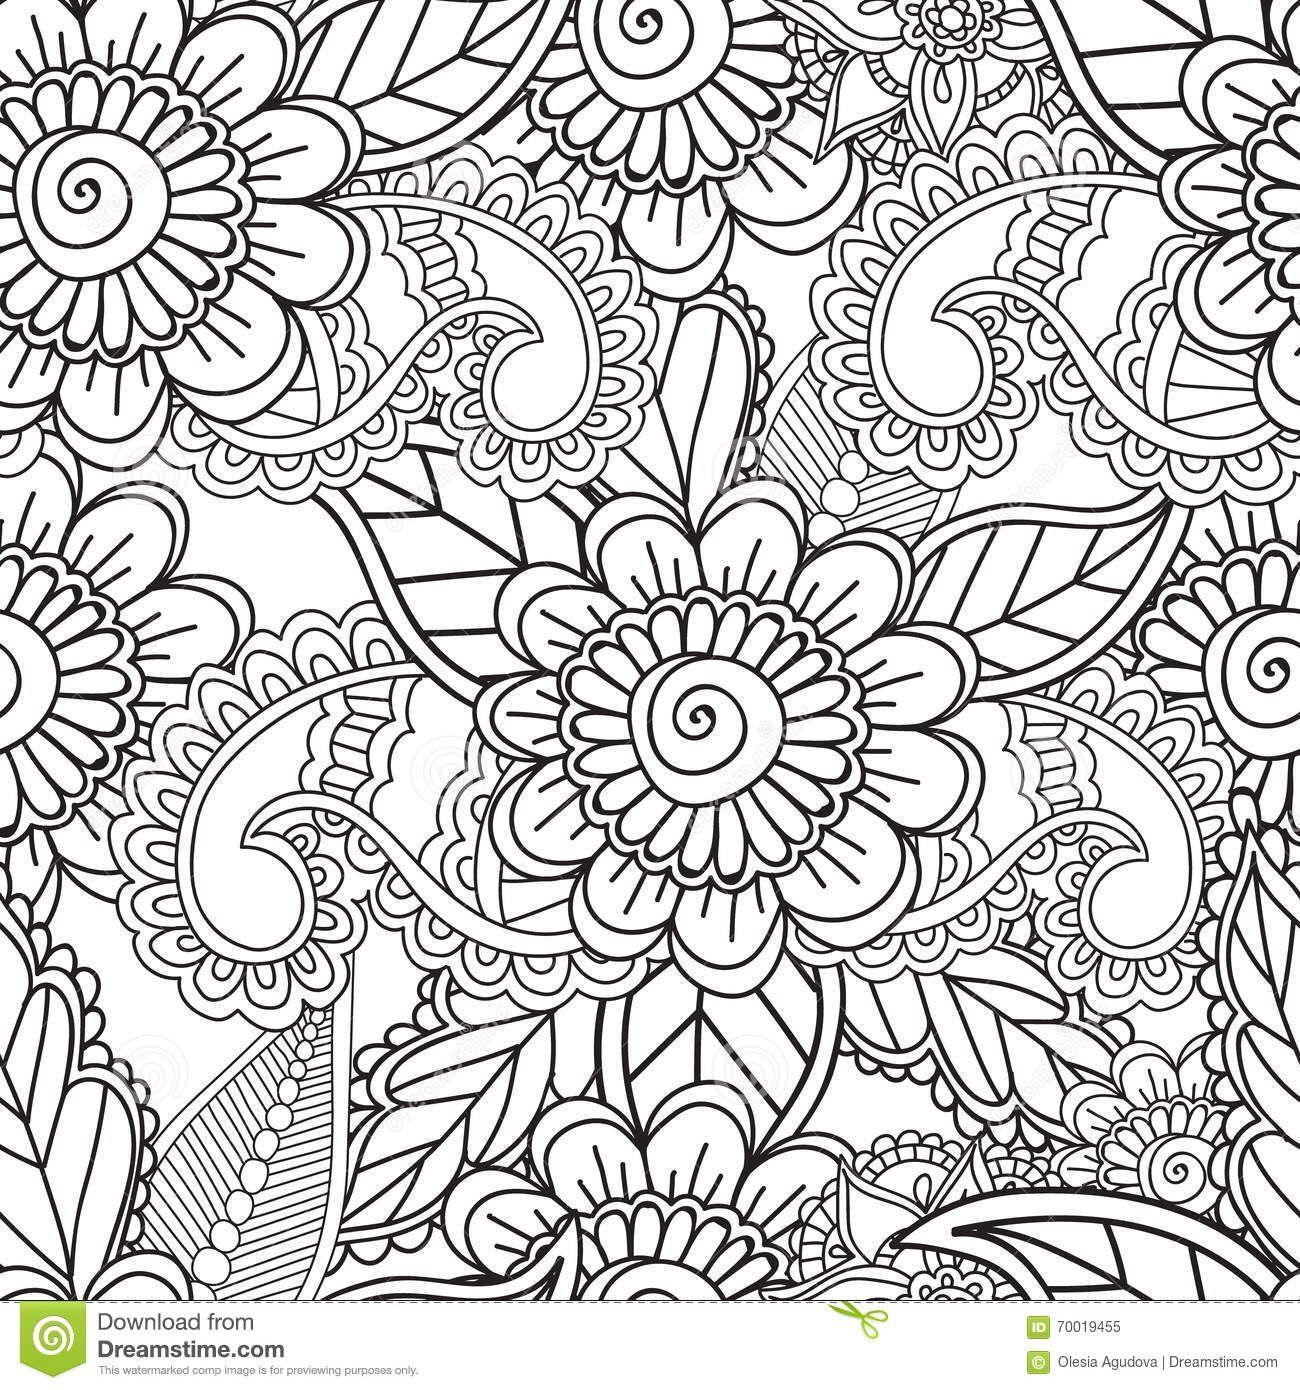 Pin de LaLa Dewitt en Coloring pages 2   Pinterest